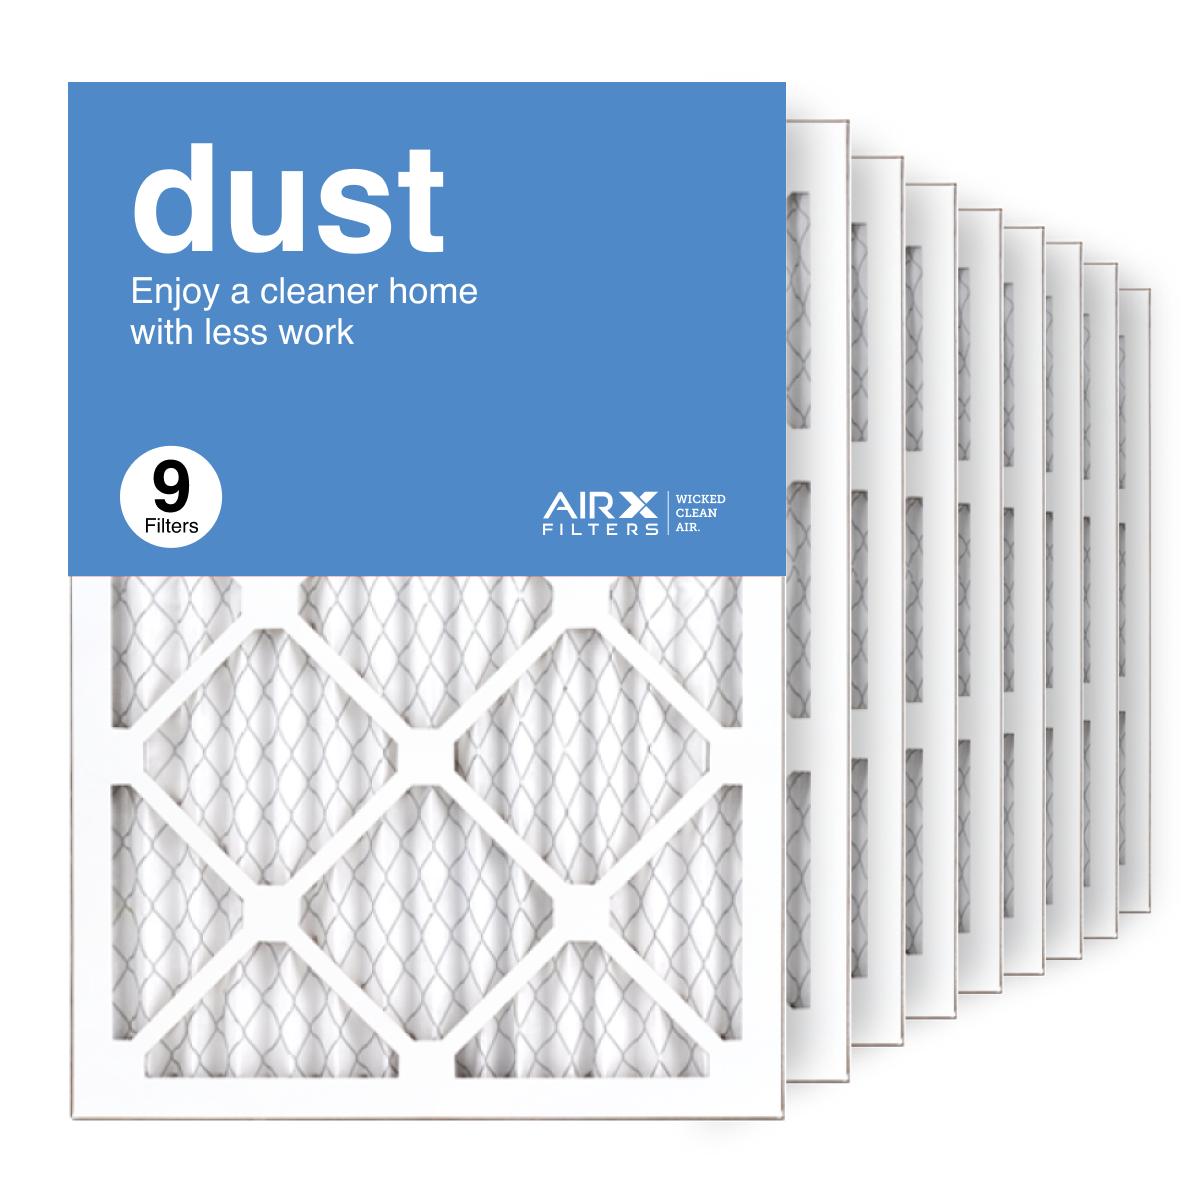 14x20x1 AIRx DUST Air Filter, 9-Pack